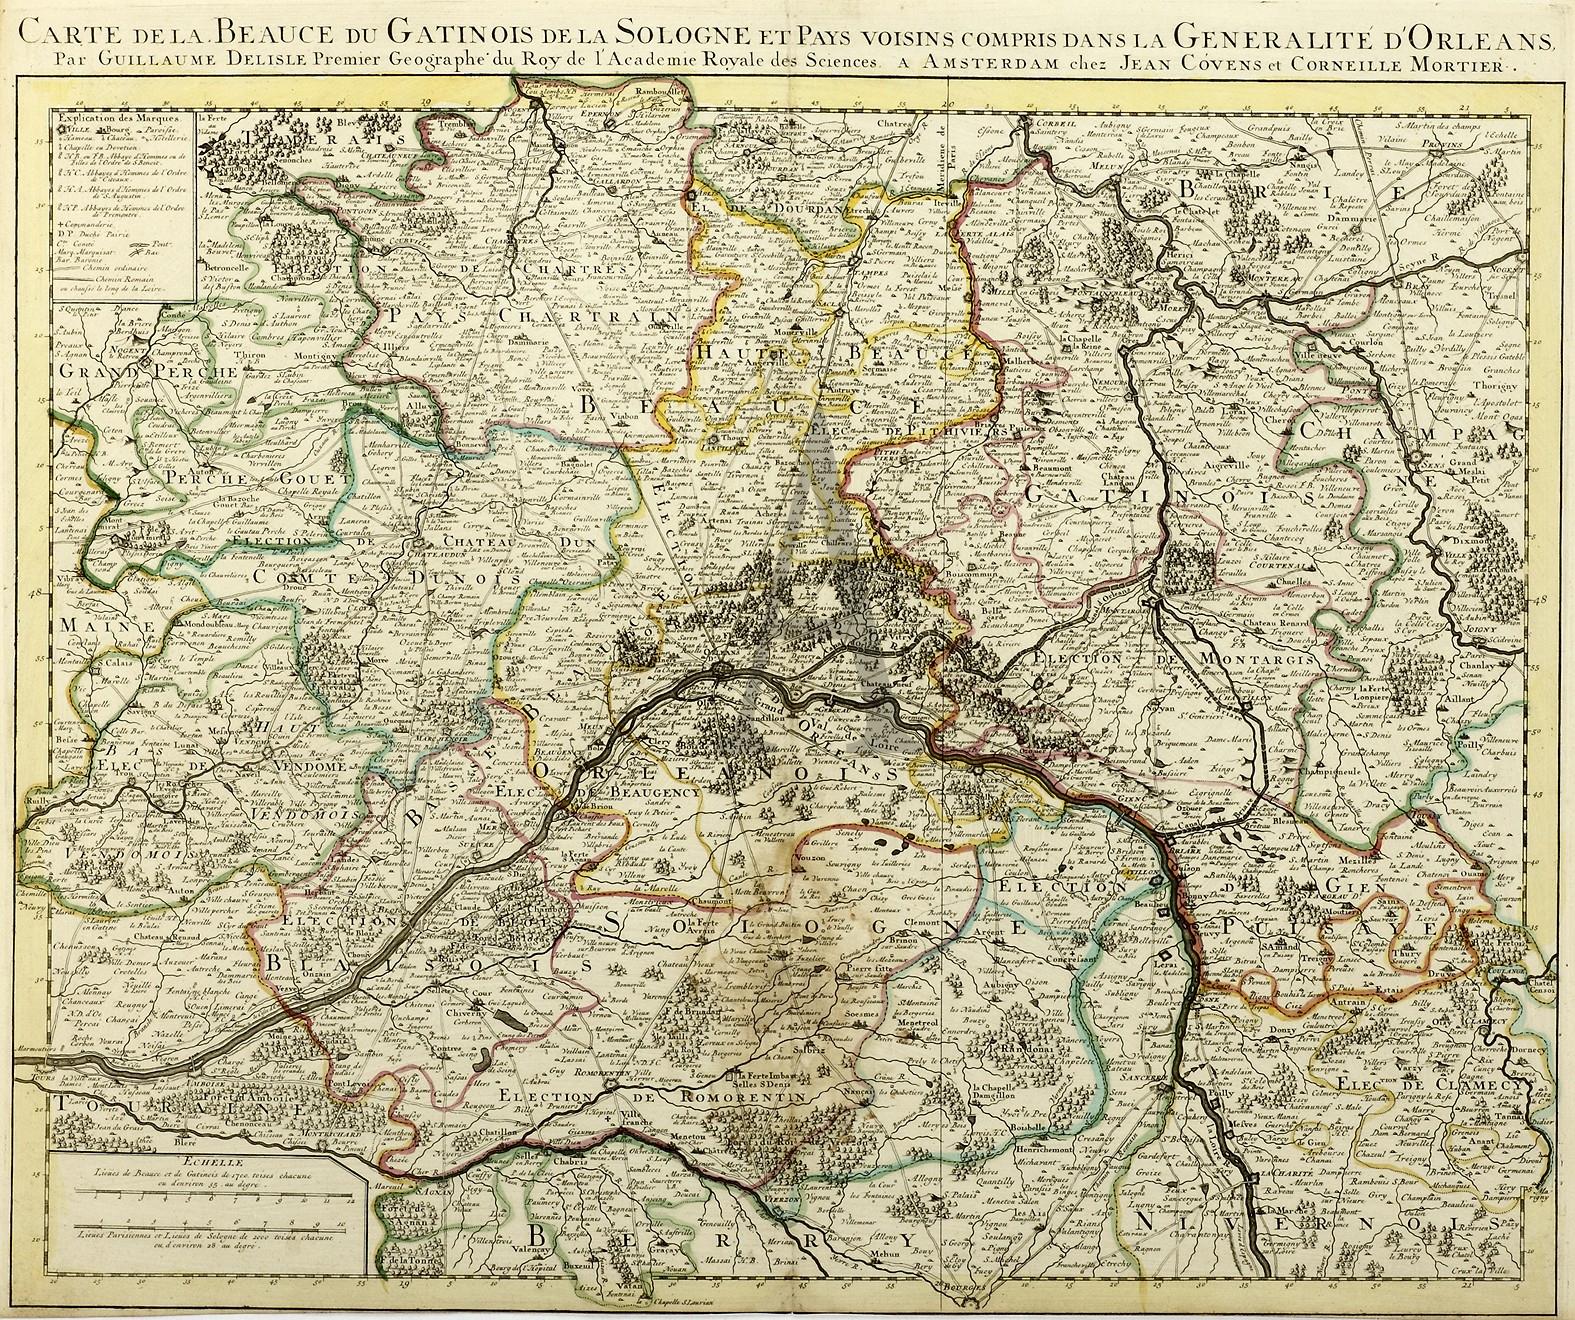 Carte De La Beauce Du Gatinos De La Sologne Et . intérieur Carte De Fra